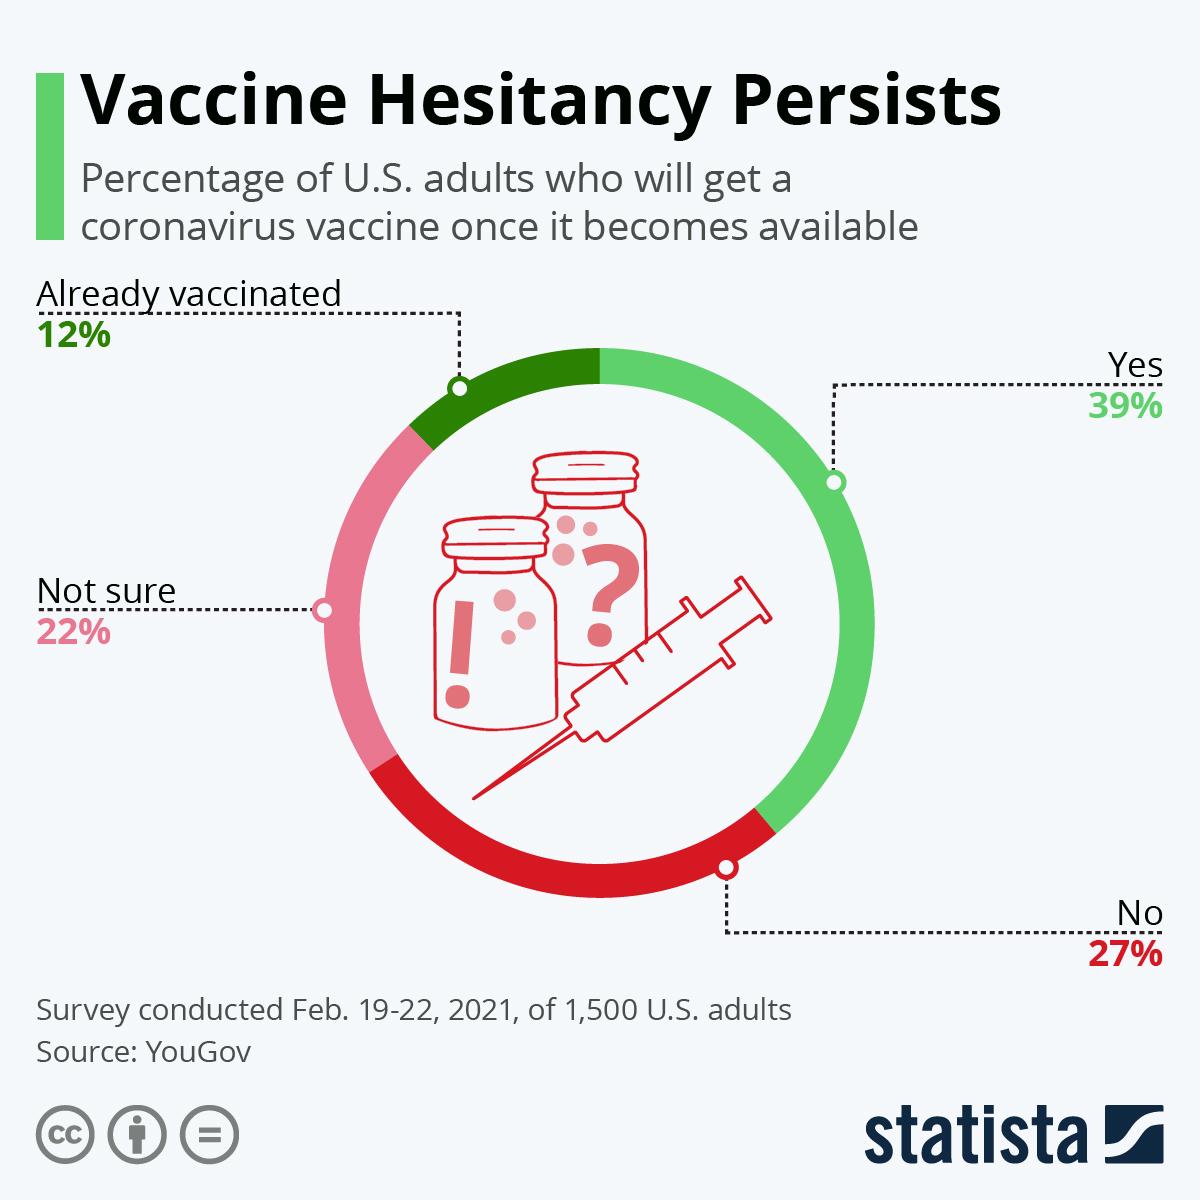 Vaccine Hesitancy Persists